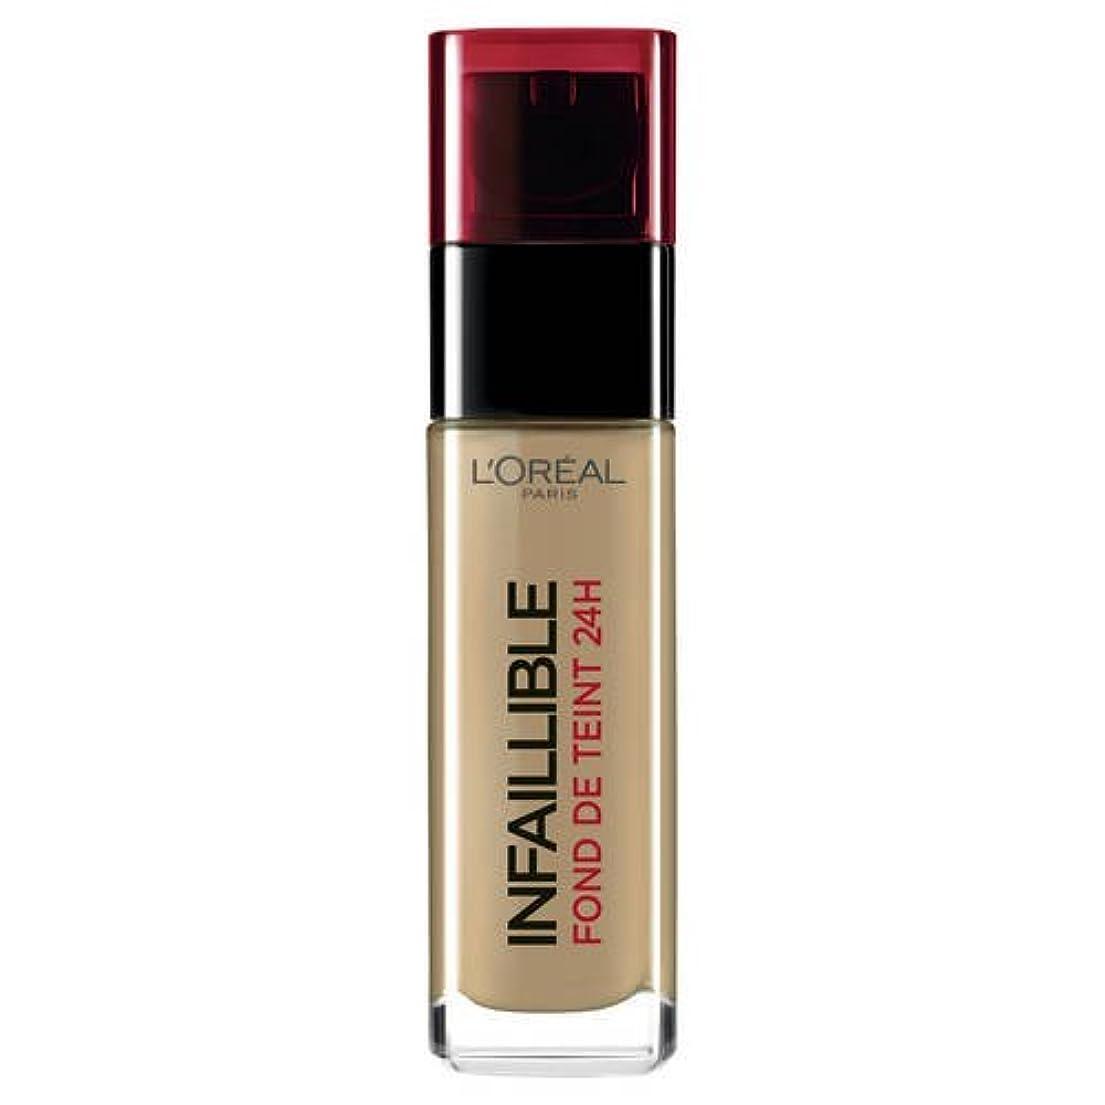 傑作くしゃくしゃ愛人L 'Oréal Paris - Infaillible Fond de Teint - 220 - Sable